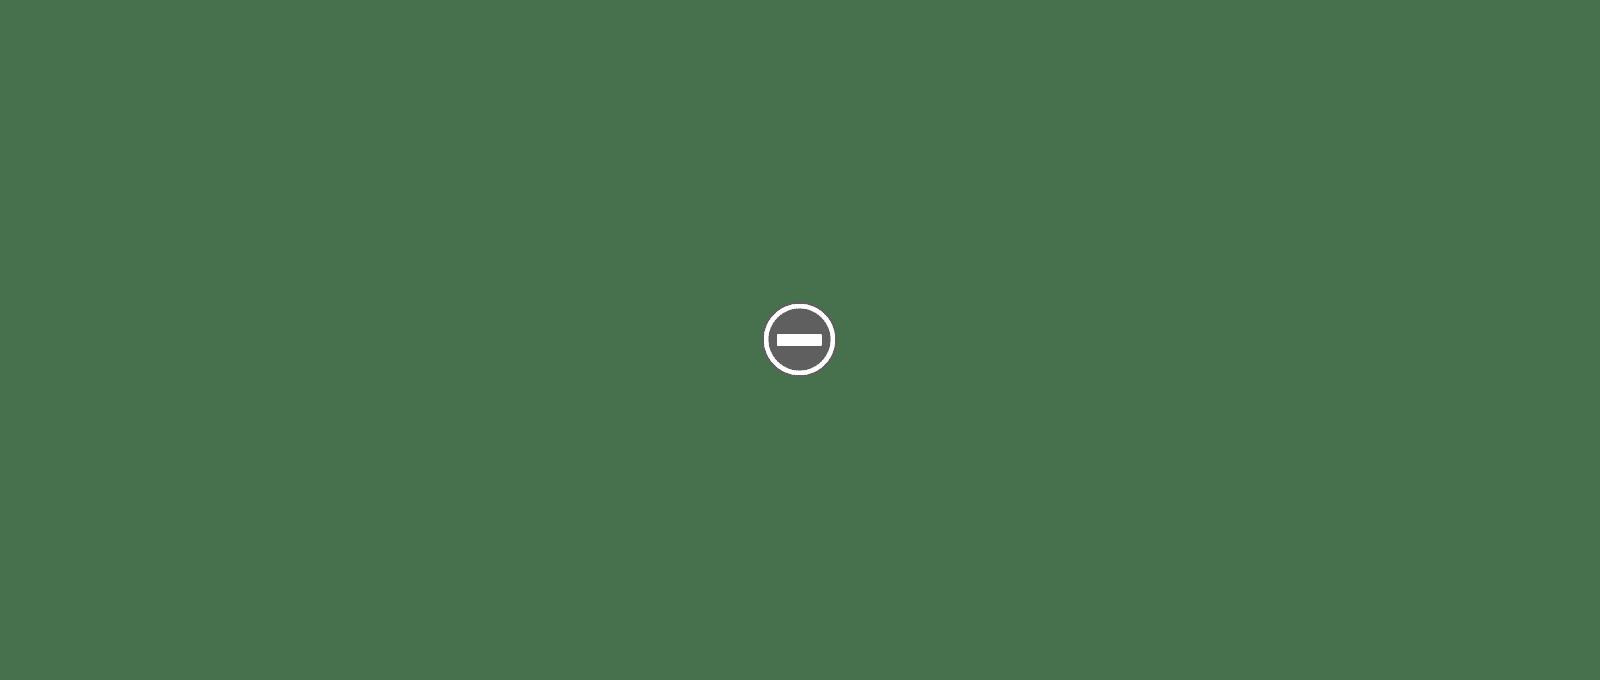 La Reine des Neiges II [Walt Disney - 2019] - Page 28 ACtC-3dUJXmusO3uIMTeO2MmBcIcvuFeoJgsYoxygDEyTHzYhW1rfP40IZAojZ6J5G0nzLqARLSsMueSh1lTRXdSWYh4ztcekumVfIuNfoVfDEtYHBVGD9eXpYsaBoKhACNhZ4UYh8TEjBys-EPYDuMrOONCuA=w1600-h680-no?authuser=0